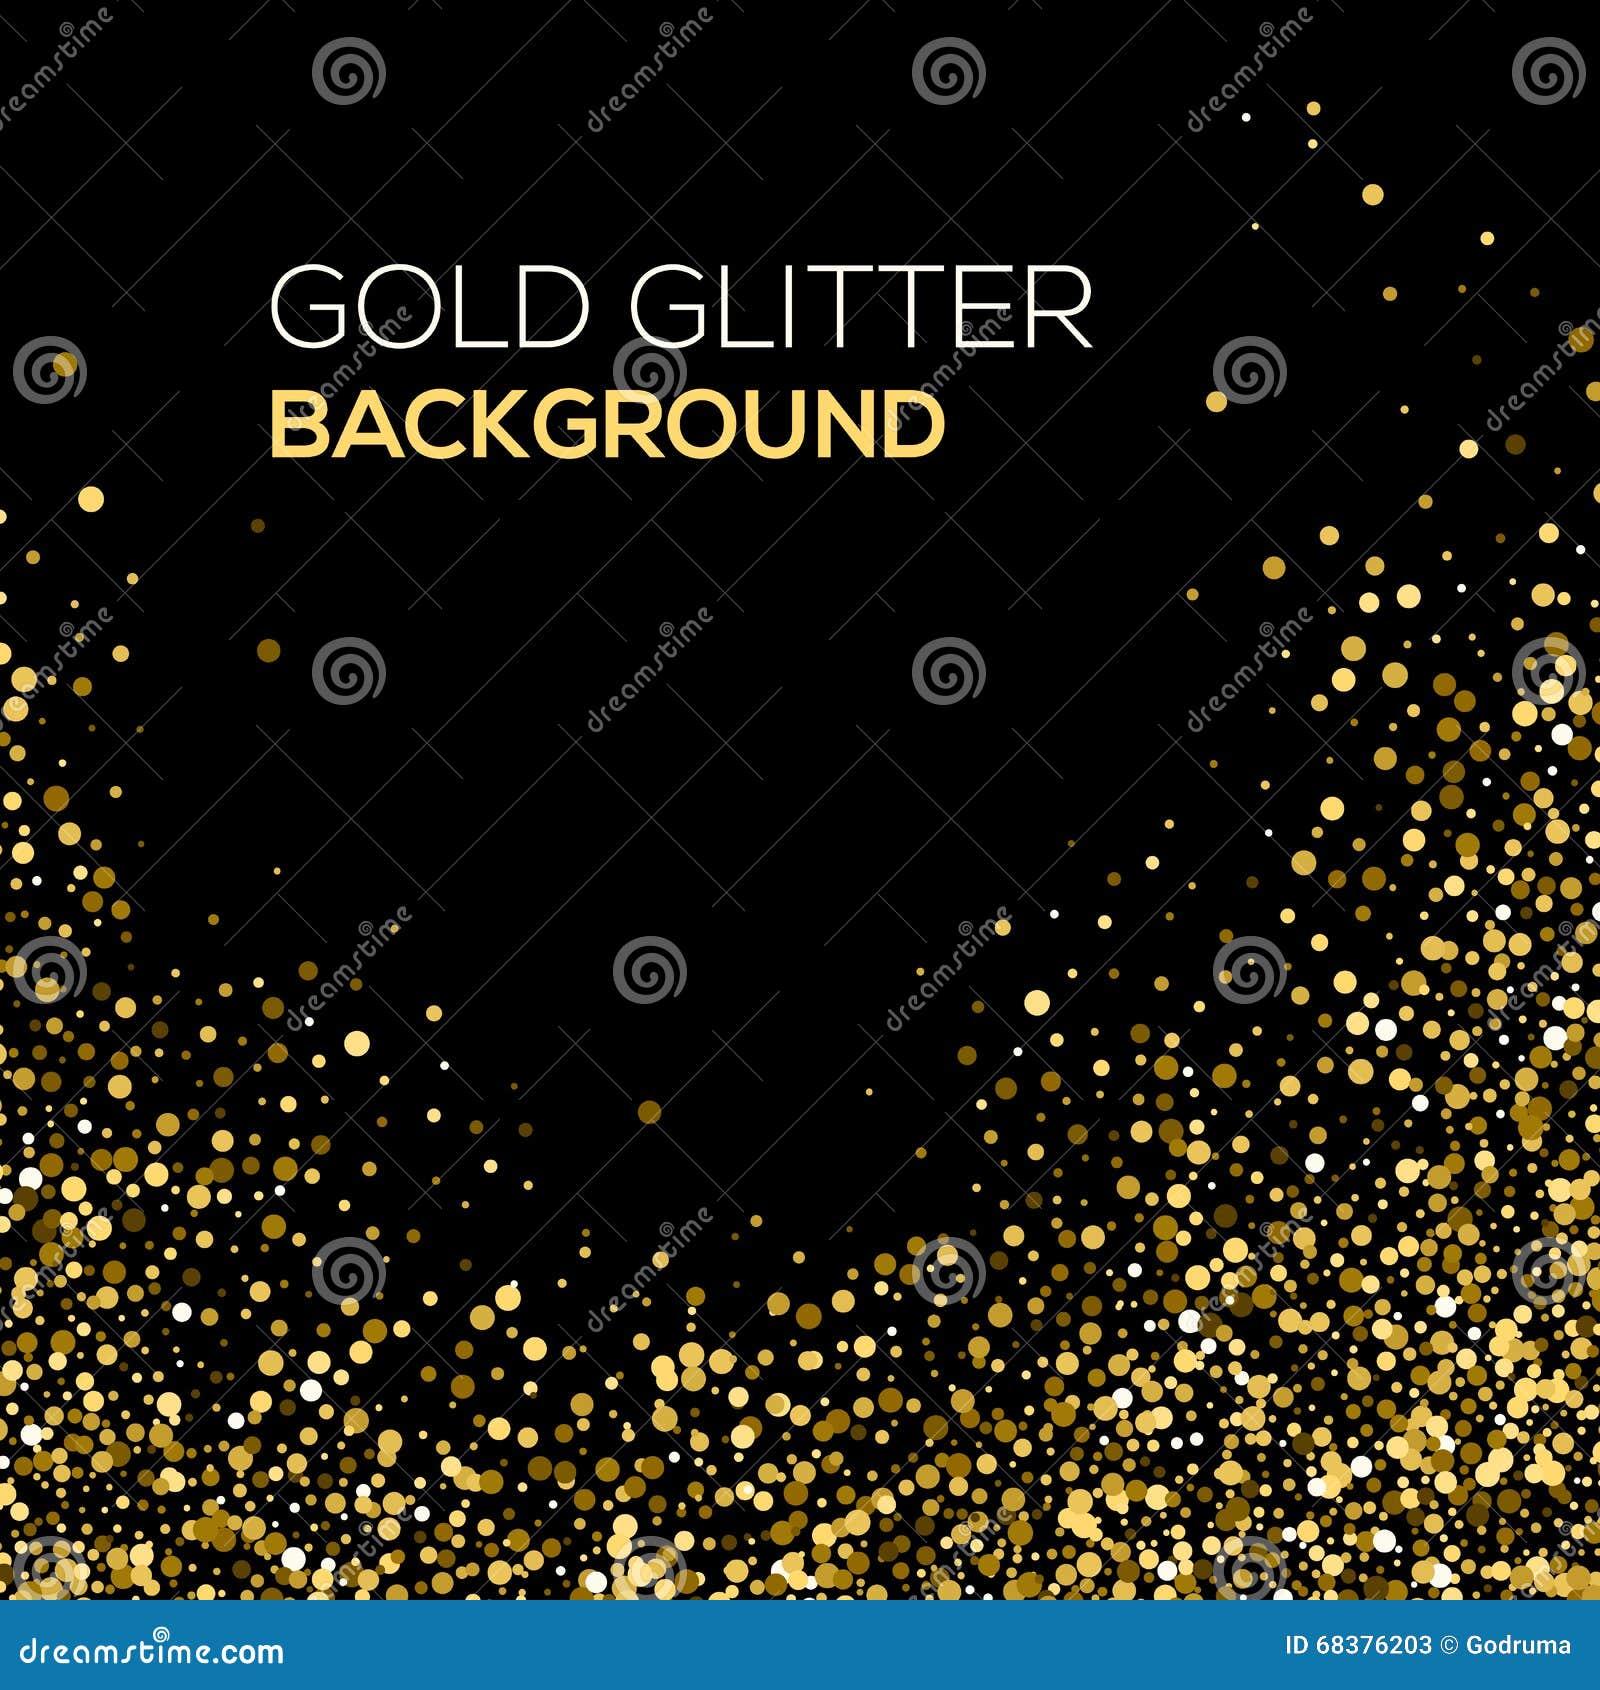 Confetti background vector golden confetti background - Royalty Free Vector Abstract Background Black Design Glitter Gold Golden Vector